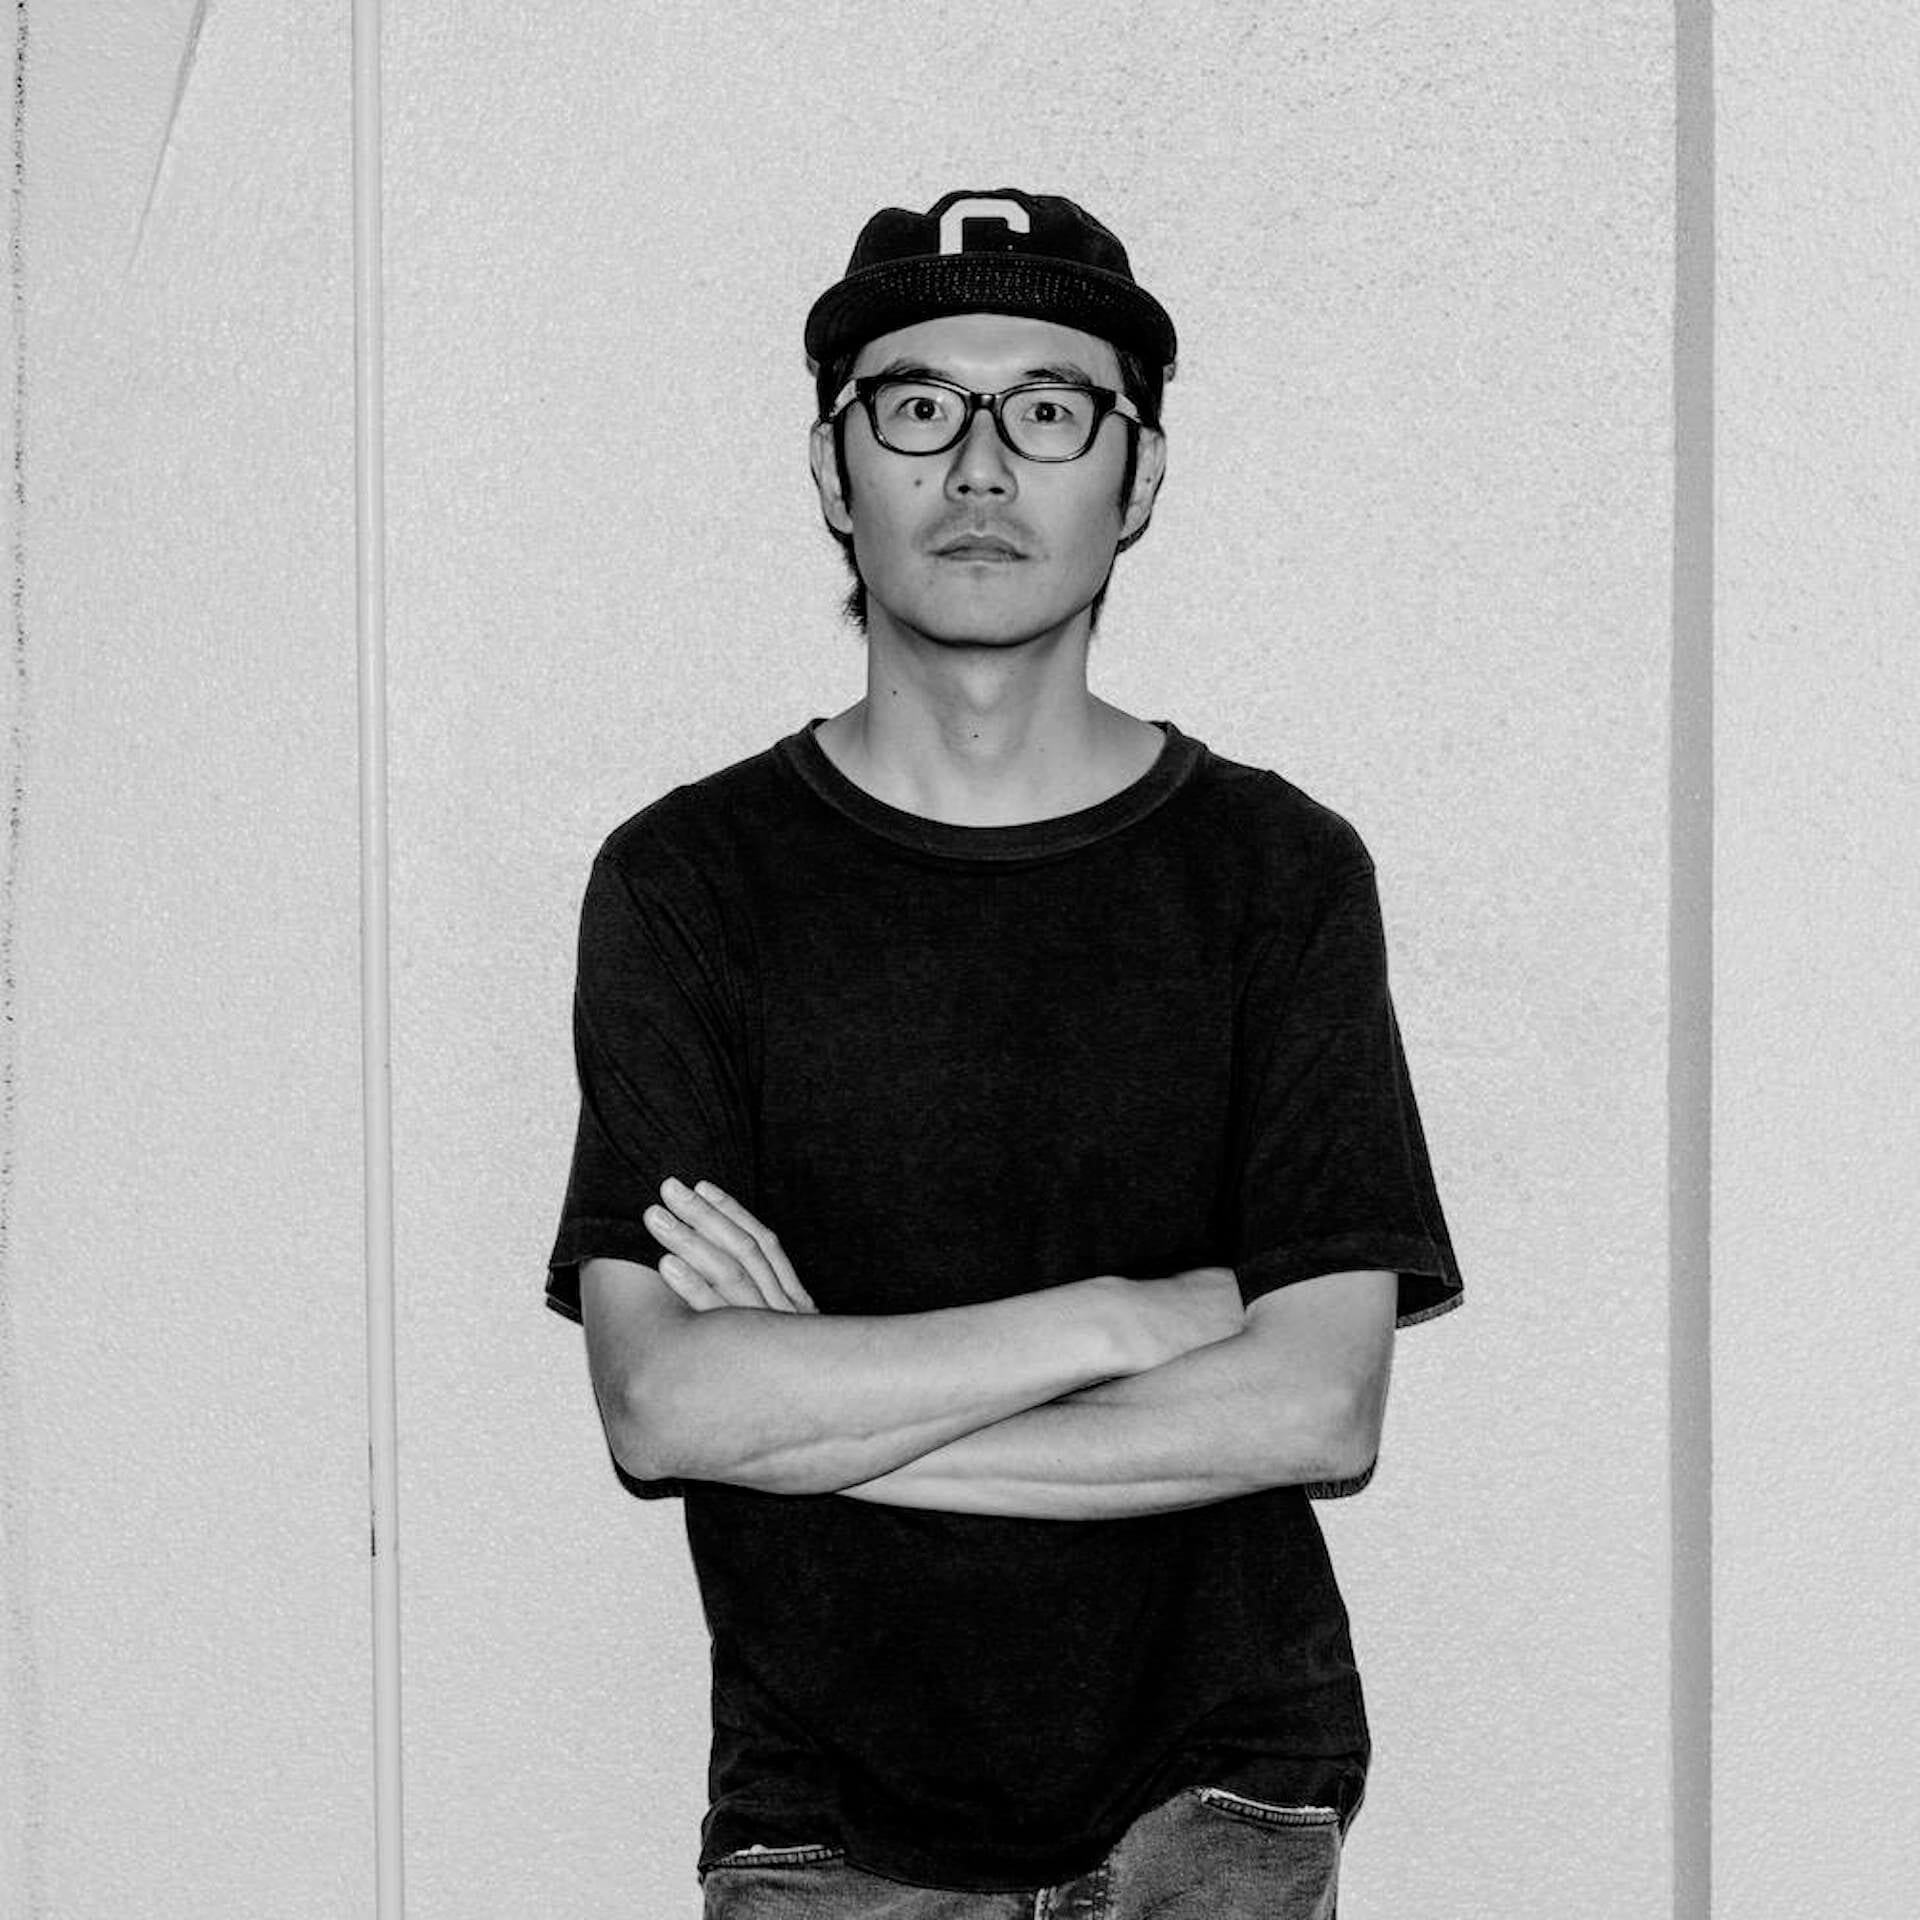 沖縄の絶景スポットで開催される野外フェス<Agaitida 2020>第2弾ラインナップが発表!DJ Nobu、Wata Igarashi、Gonno、Licaxxx、Shhhhhが出演決定 music201014_agaitida_8-1920x1920